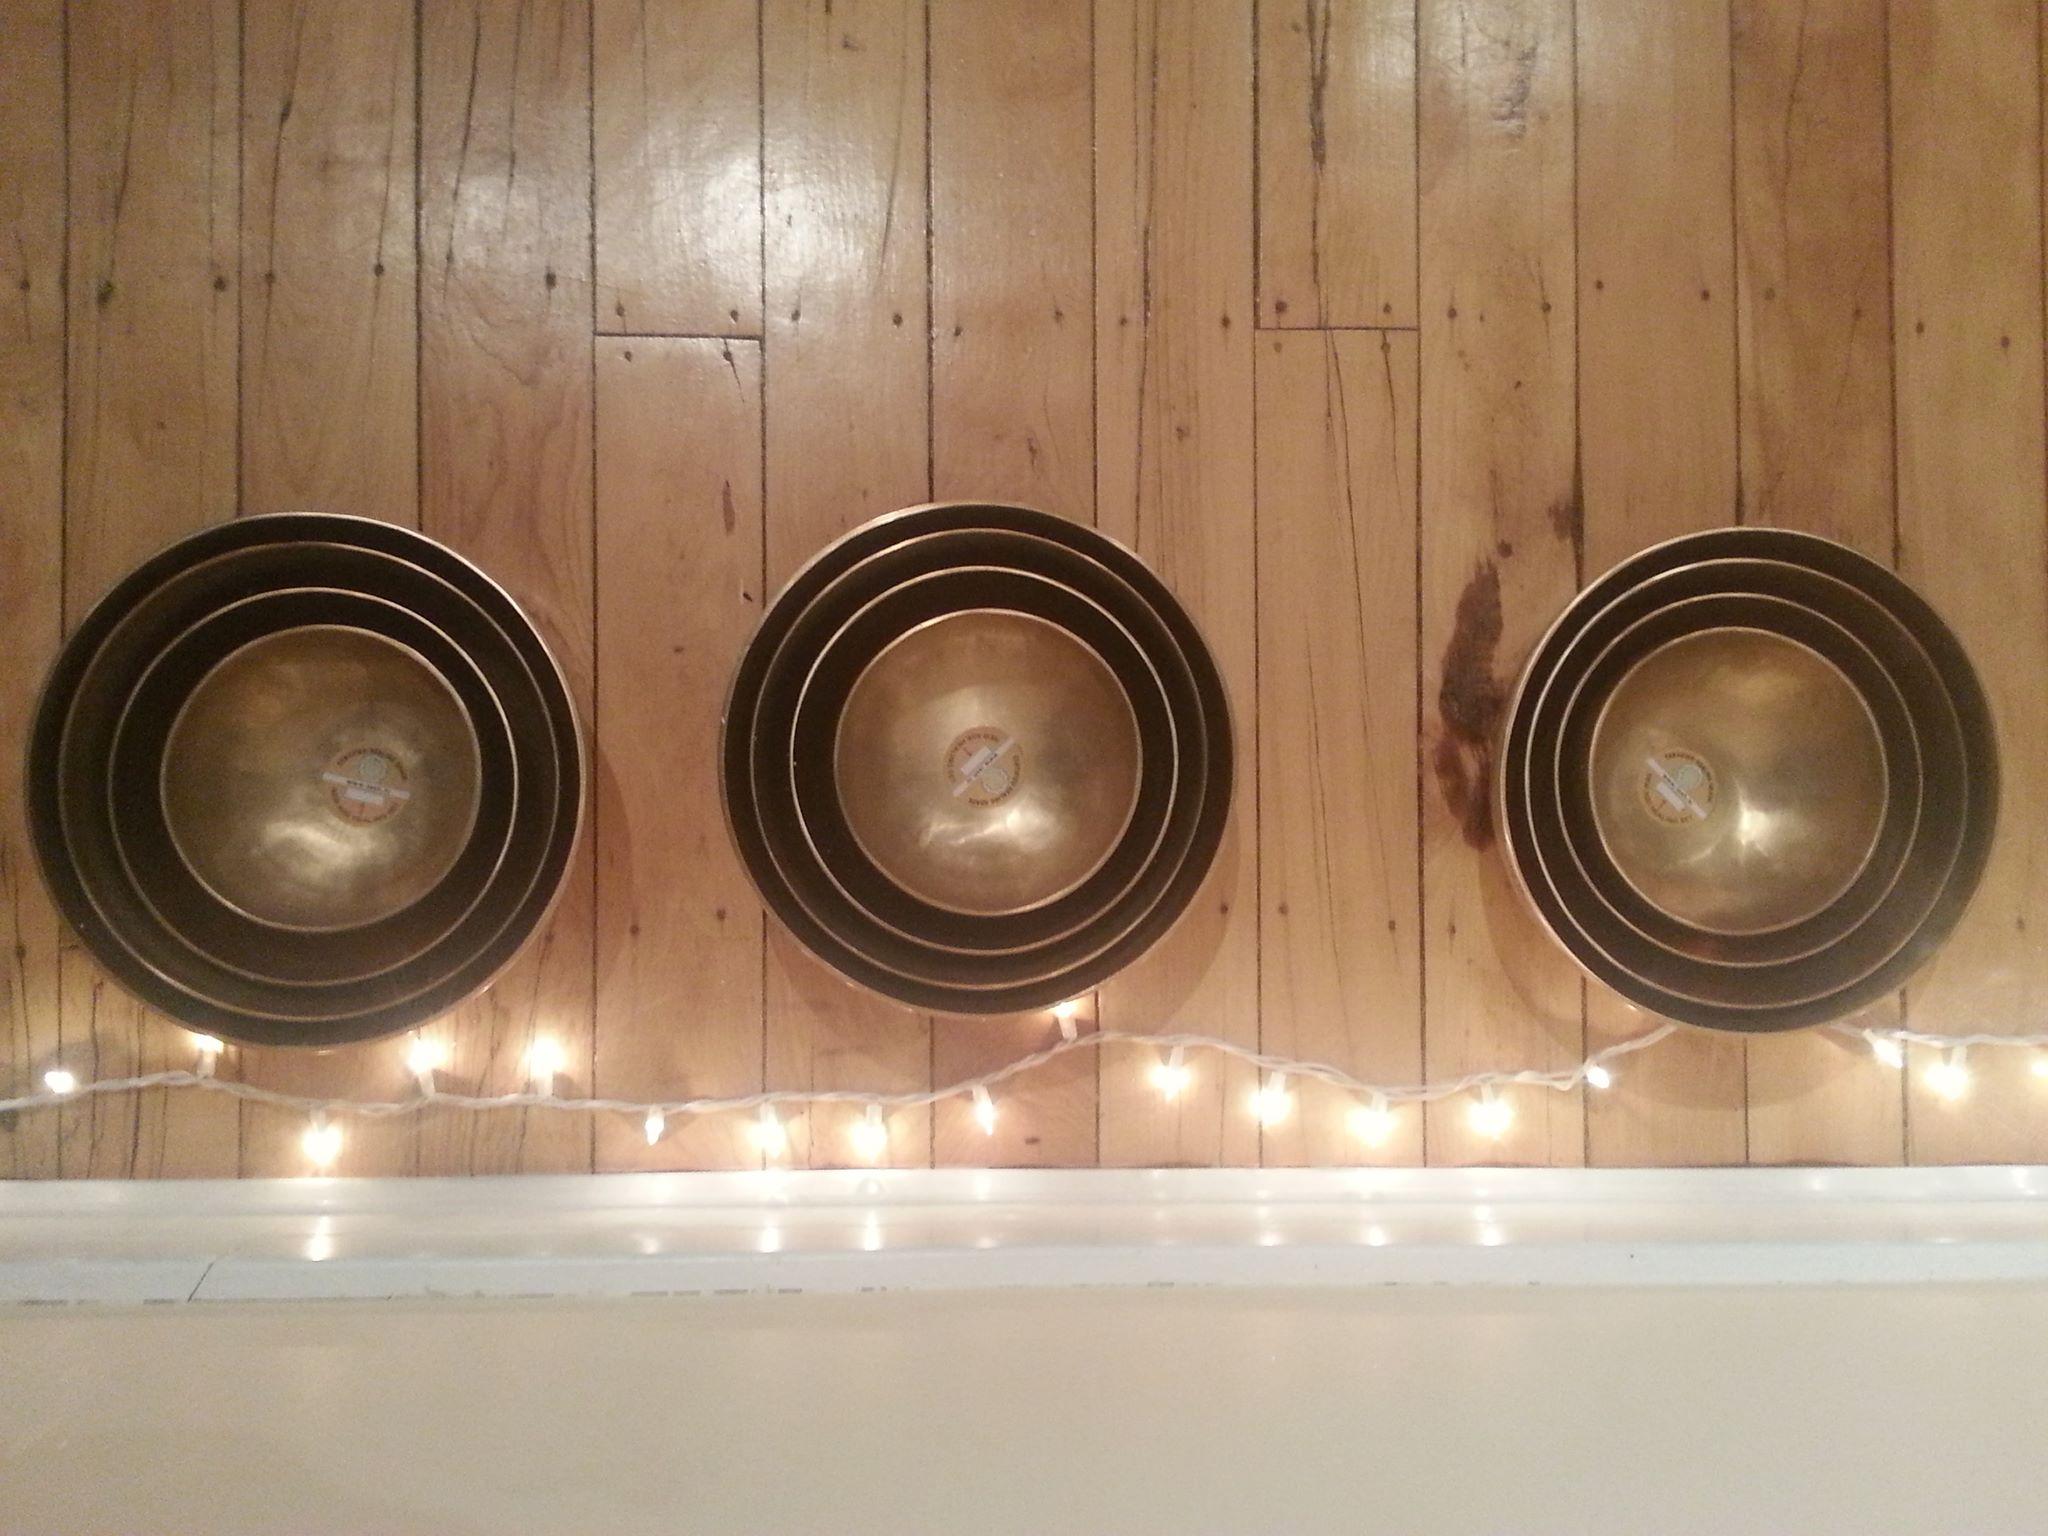 IASH Advanced Level Singing Bowls Sound Healing & Training Workshop                                 Colarado, USA, January 20-21, 2018